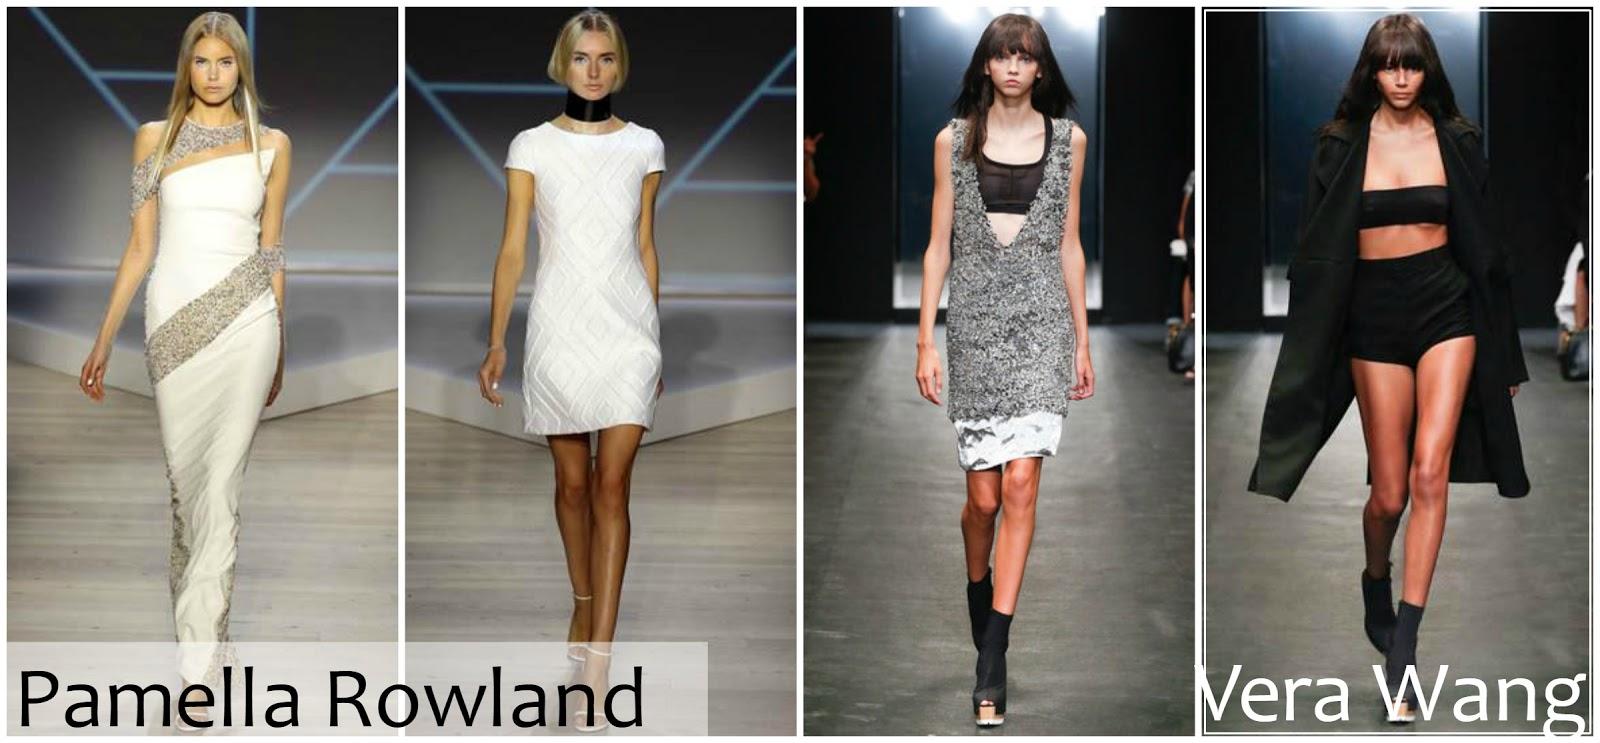 Pamella Rowland Vera Wang runway fashion